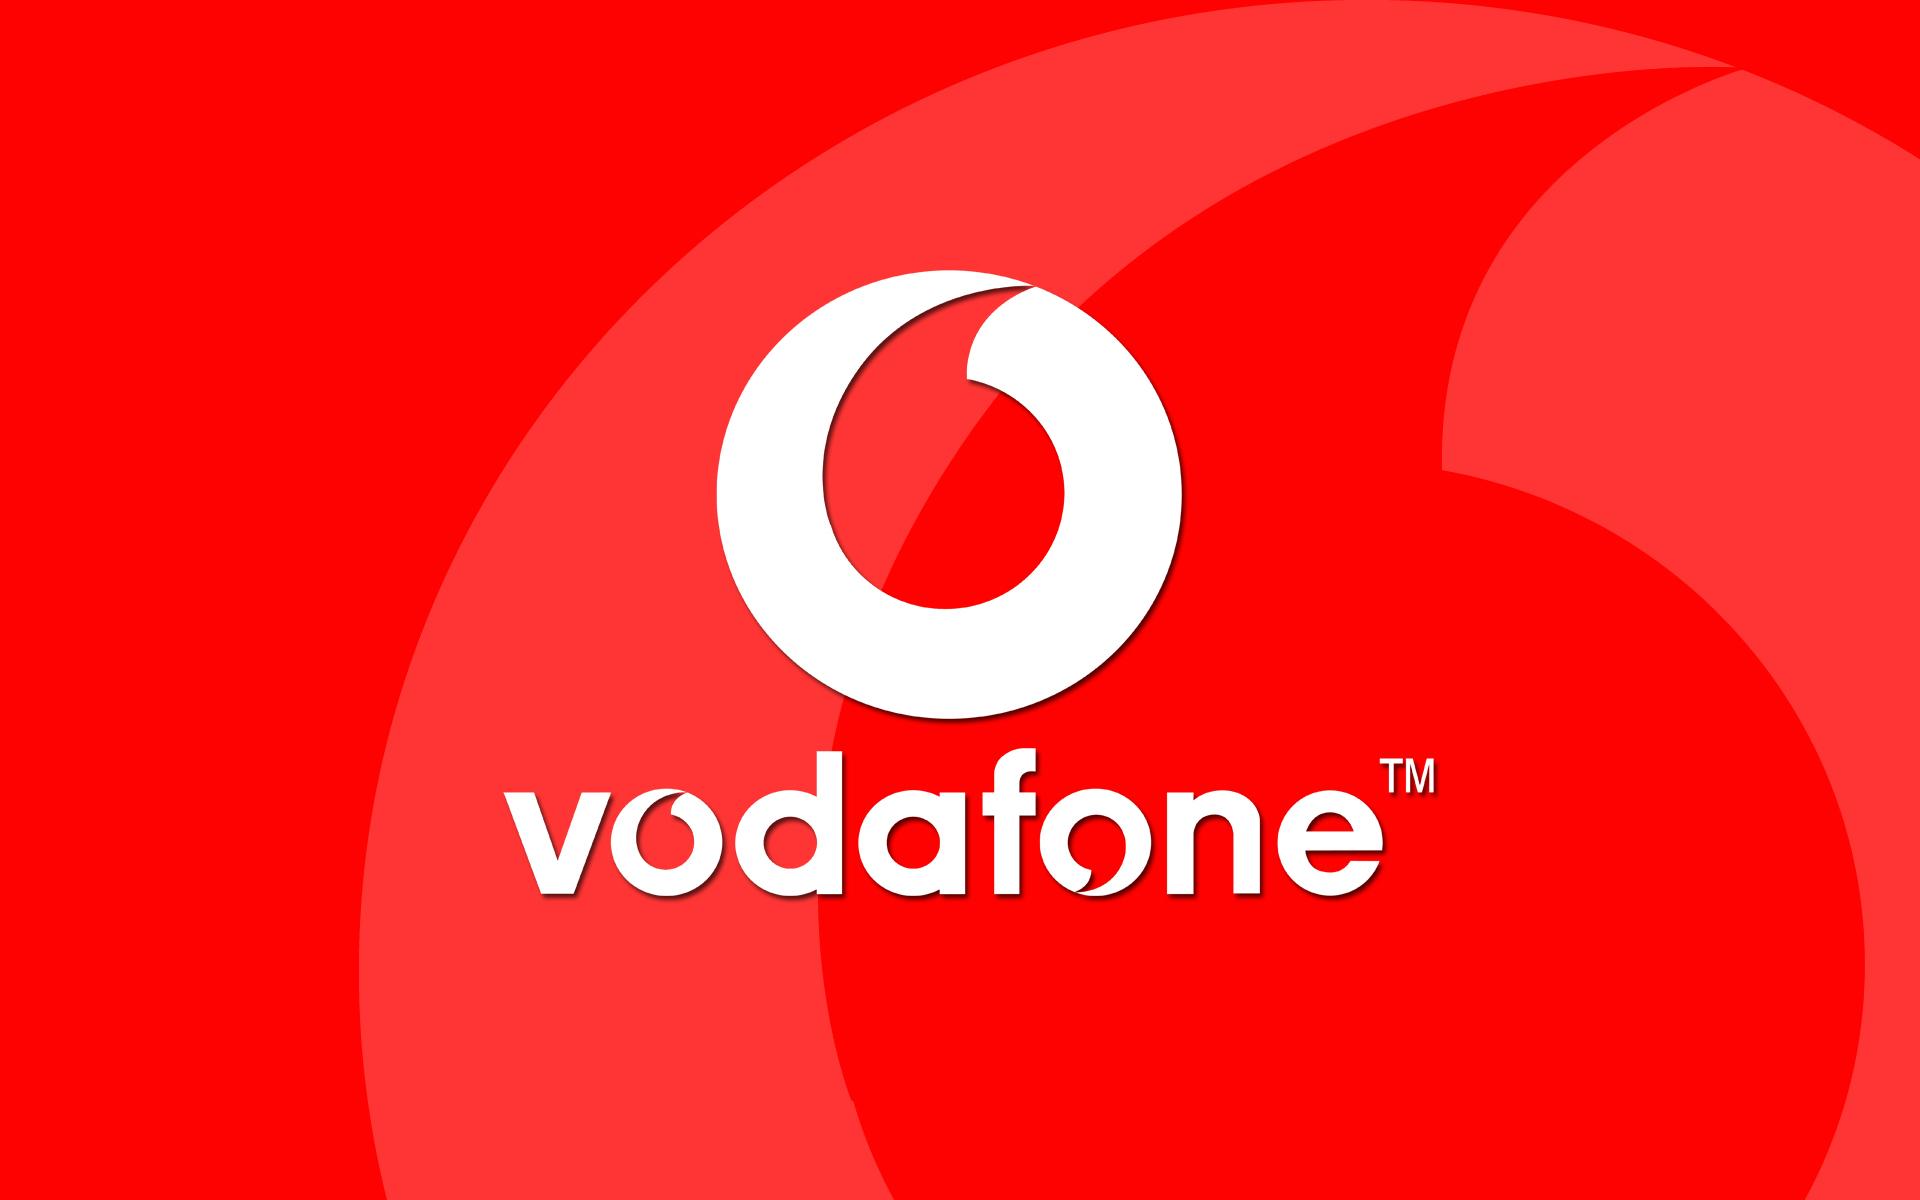 Disdetta Vodafone: dalla restituzione della Vodafone Station al modulo per disdire l'abbonamento